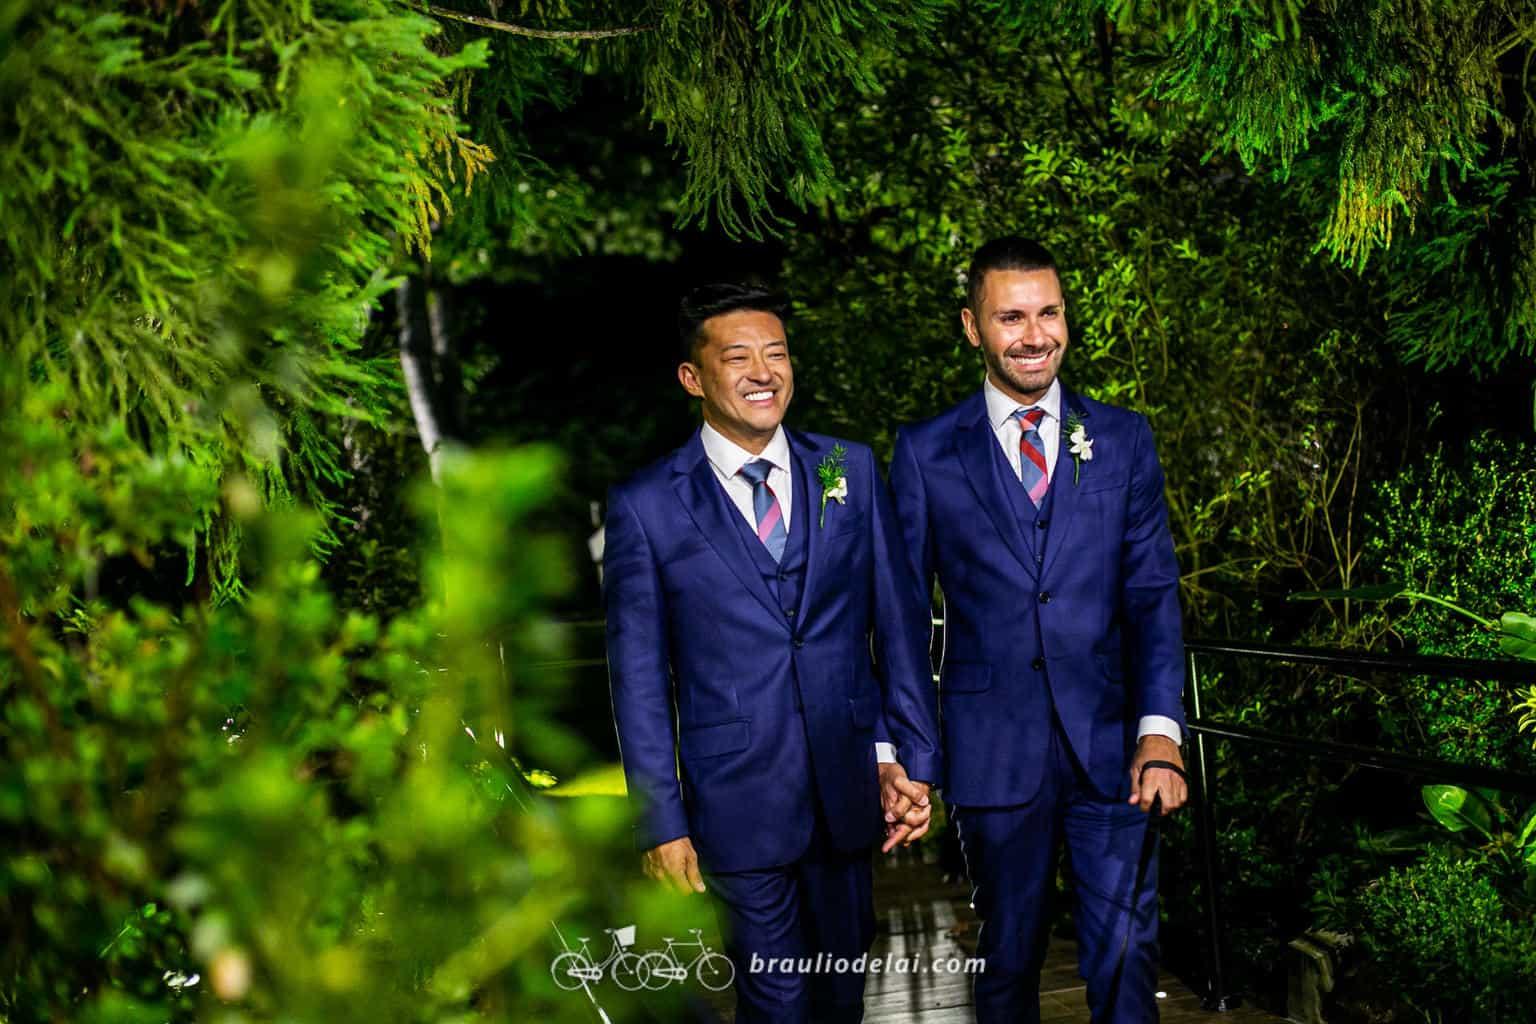 Casamento-Jhonatan-e-Rodrigo-Fotografia-Braulio-Delai-CerimôniaPhoto_0733